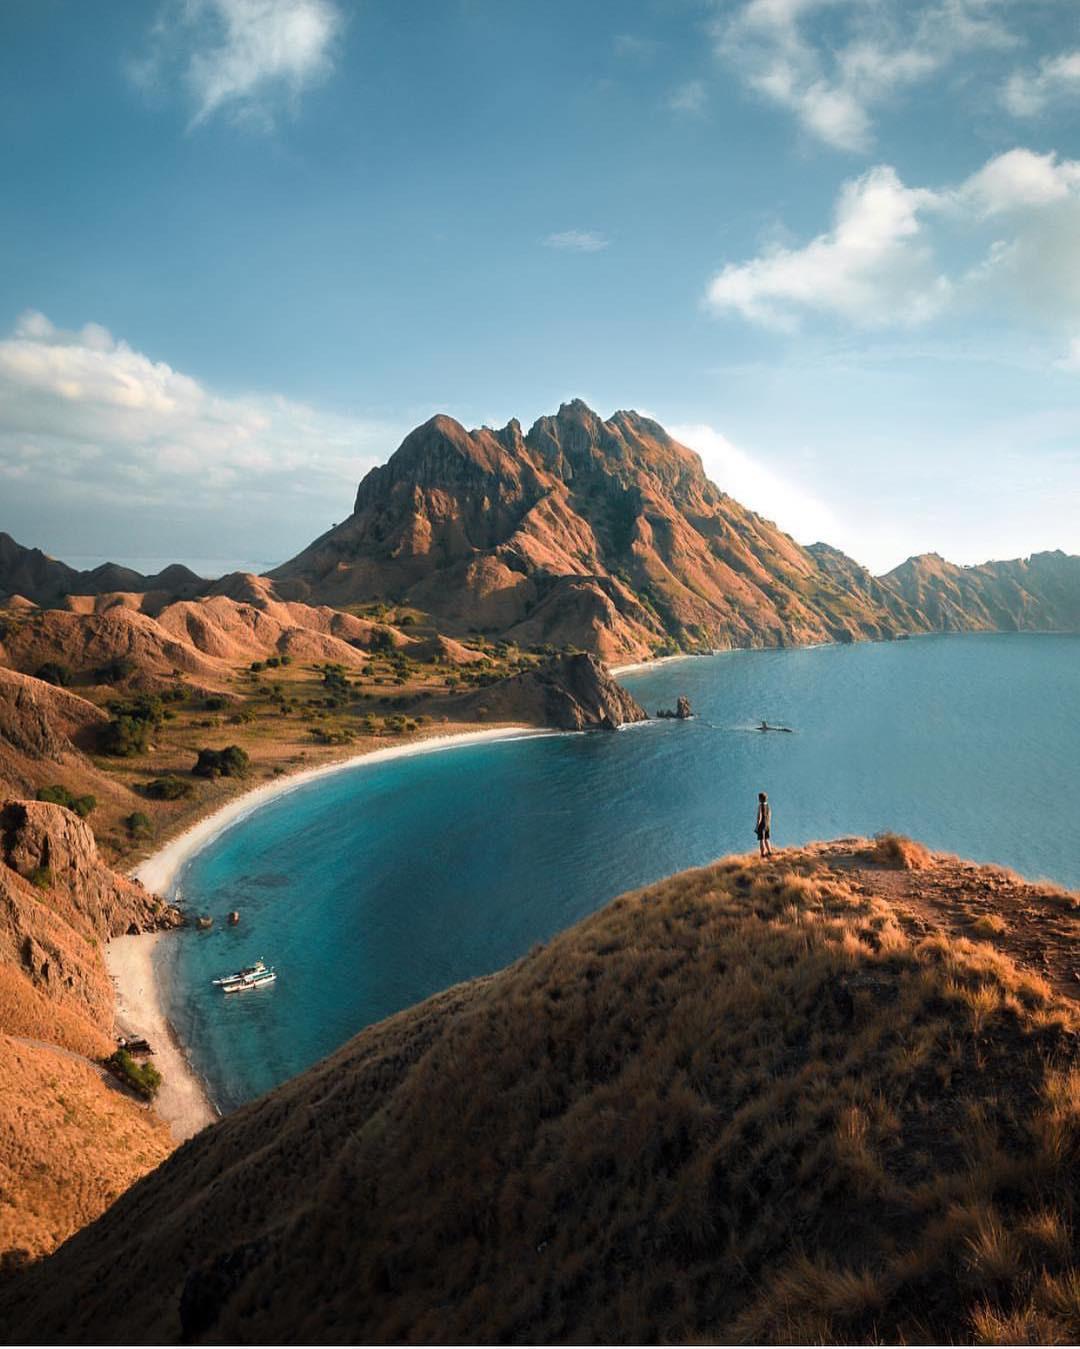 Đảo rồng Komodo tại Indonesia sẽ đóng cửa vào năm 2020, đi ngay trước khi quá muộn nào! - Ảnh 9.